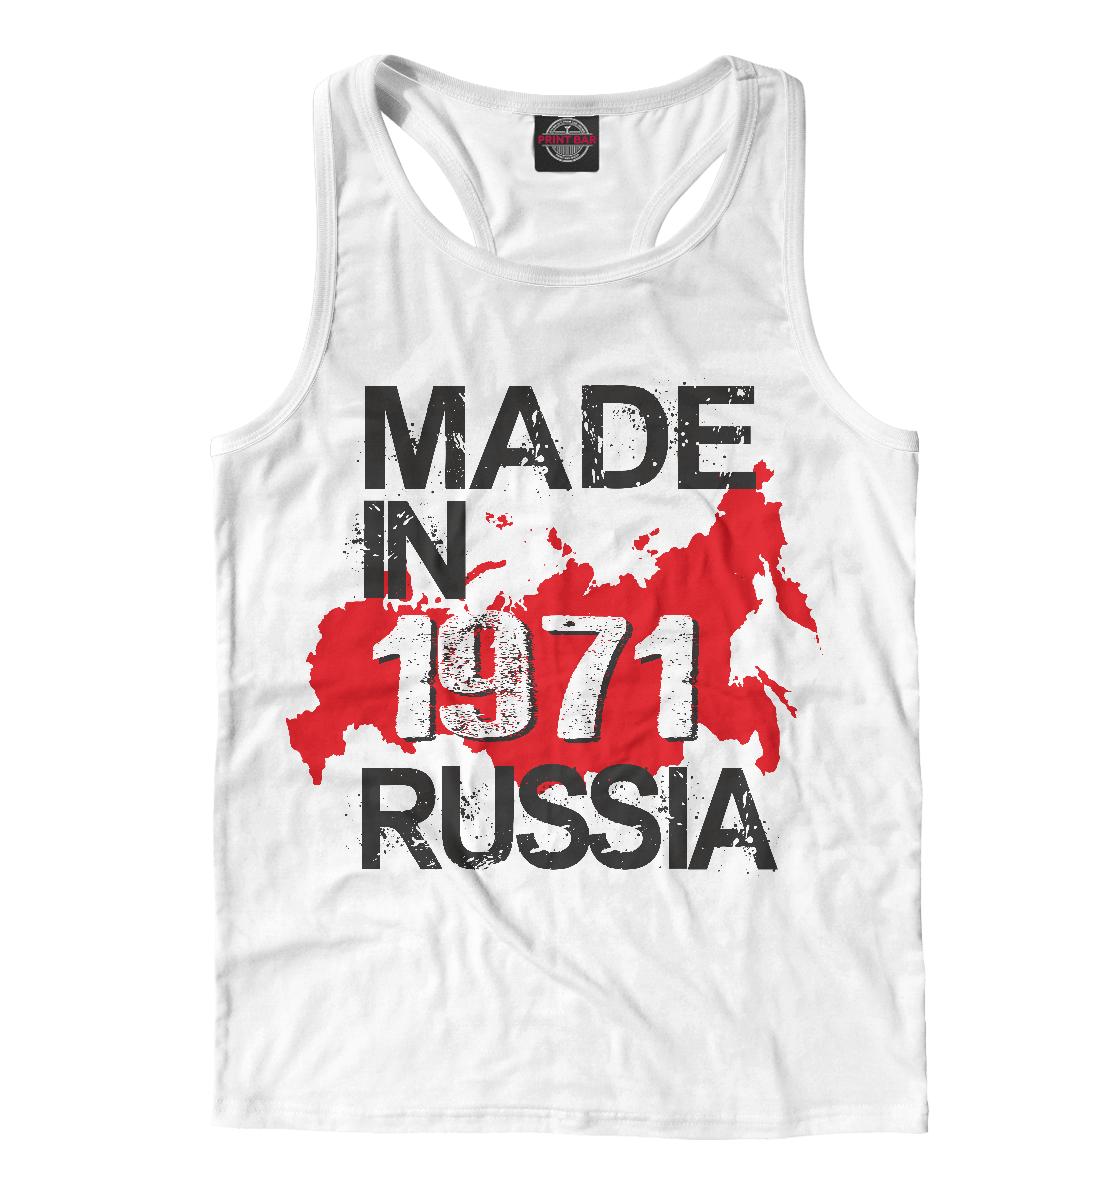 Купить 1971 год рождения, Printbar, Майки борцовки, DSI-370914-mayb-2